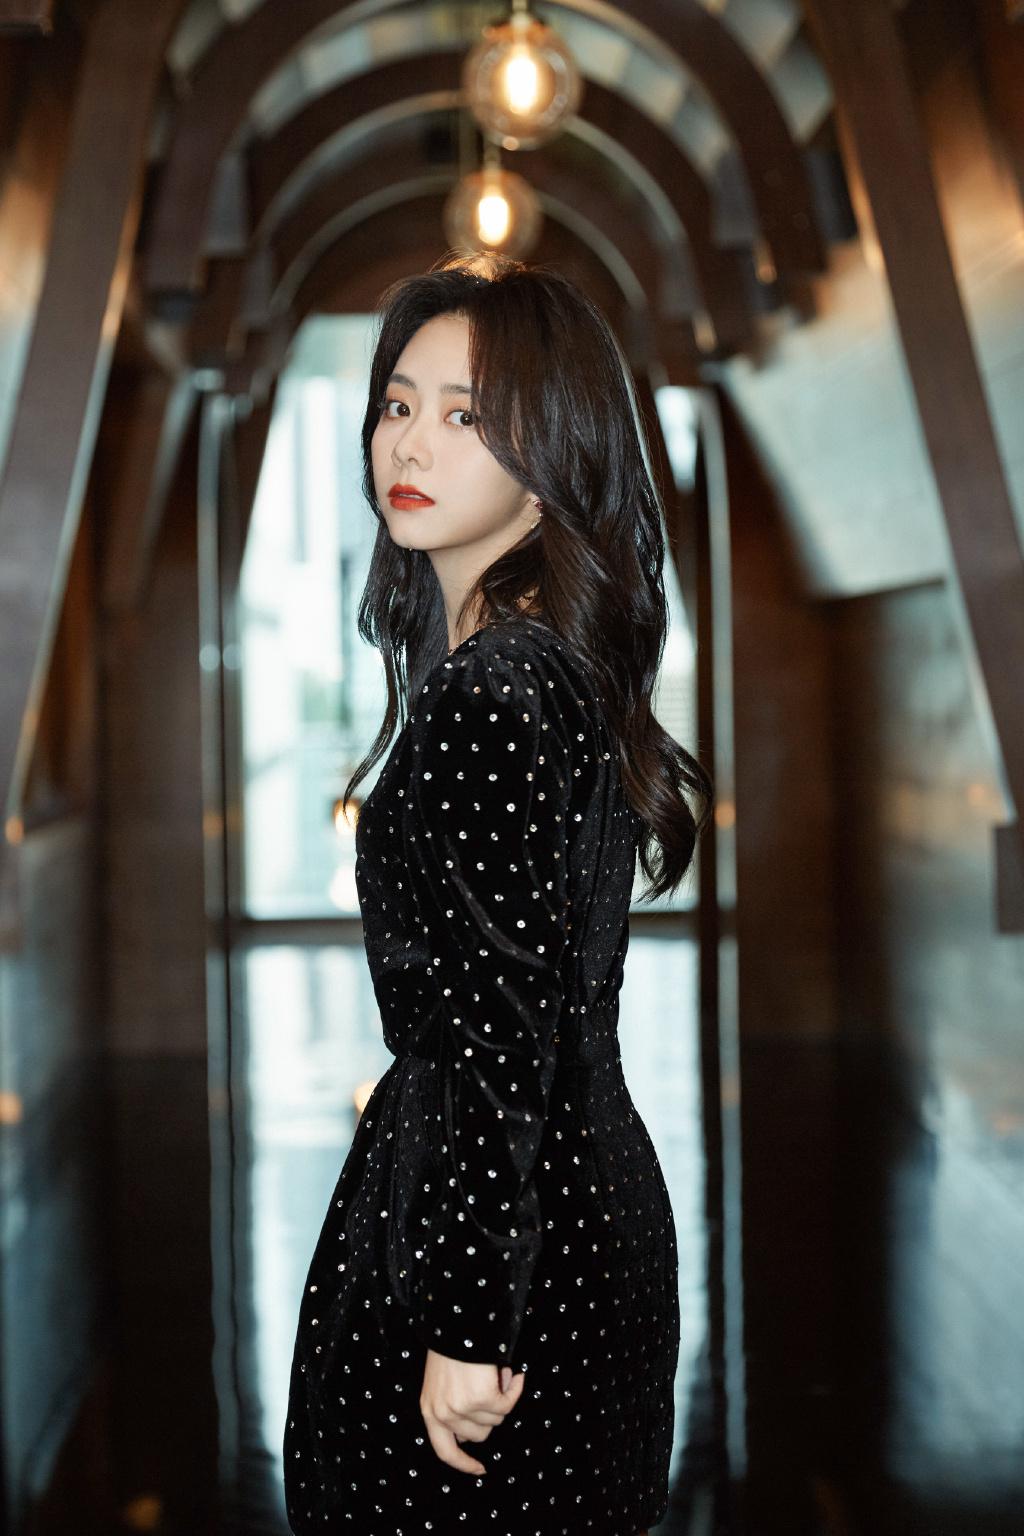 谭松韵出席活动造型,身穿复古黑丝绒裙,优雅灵动,状态在线